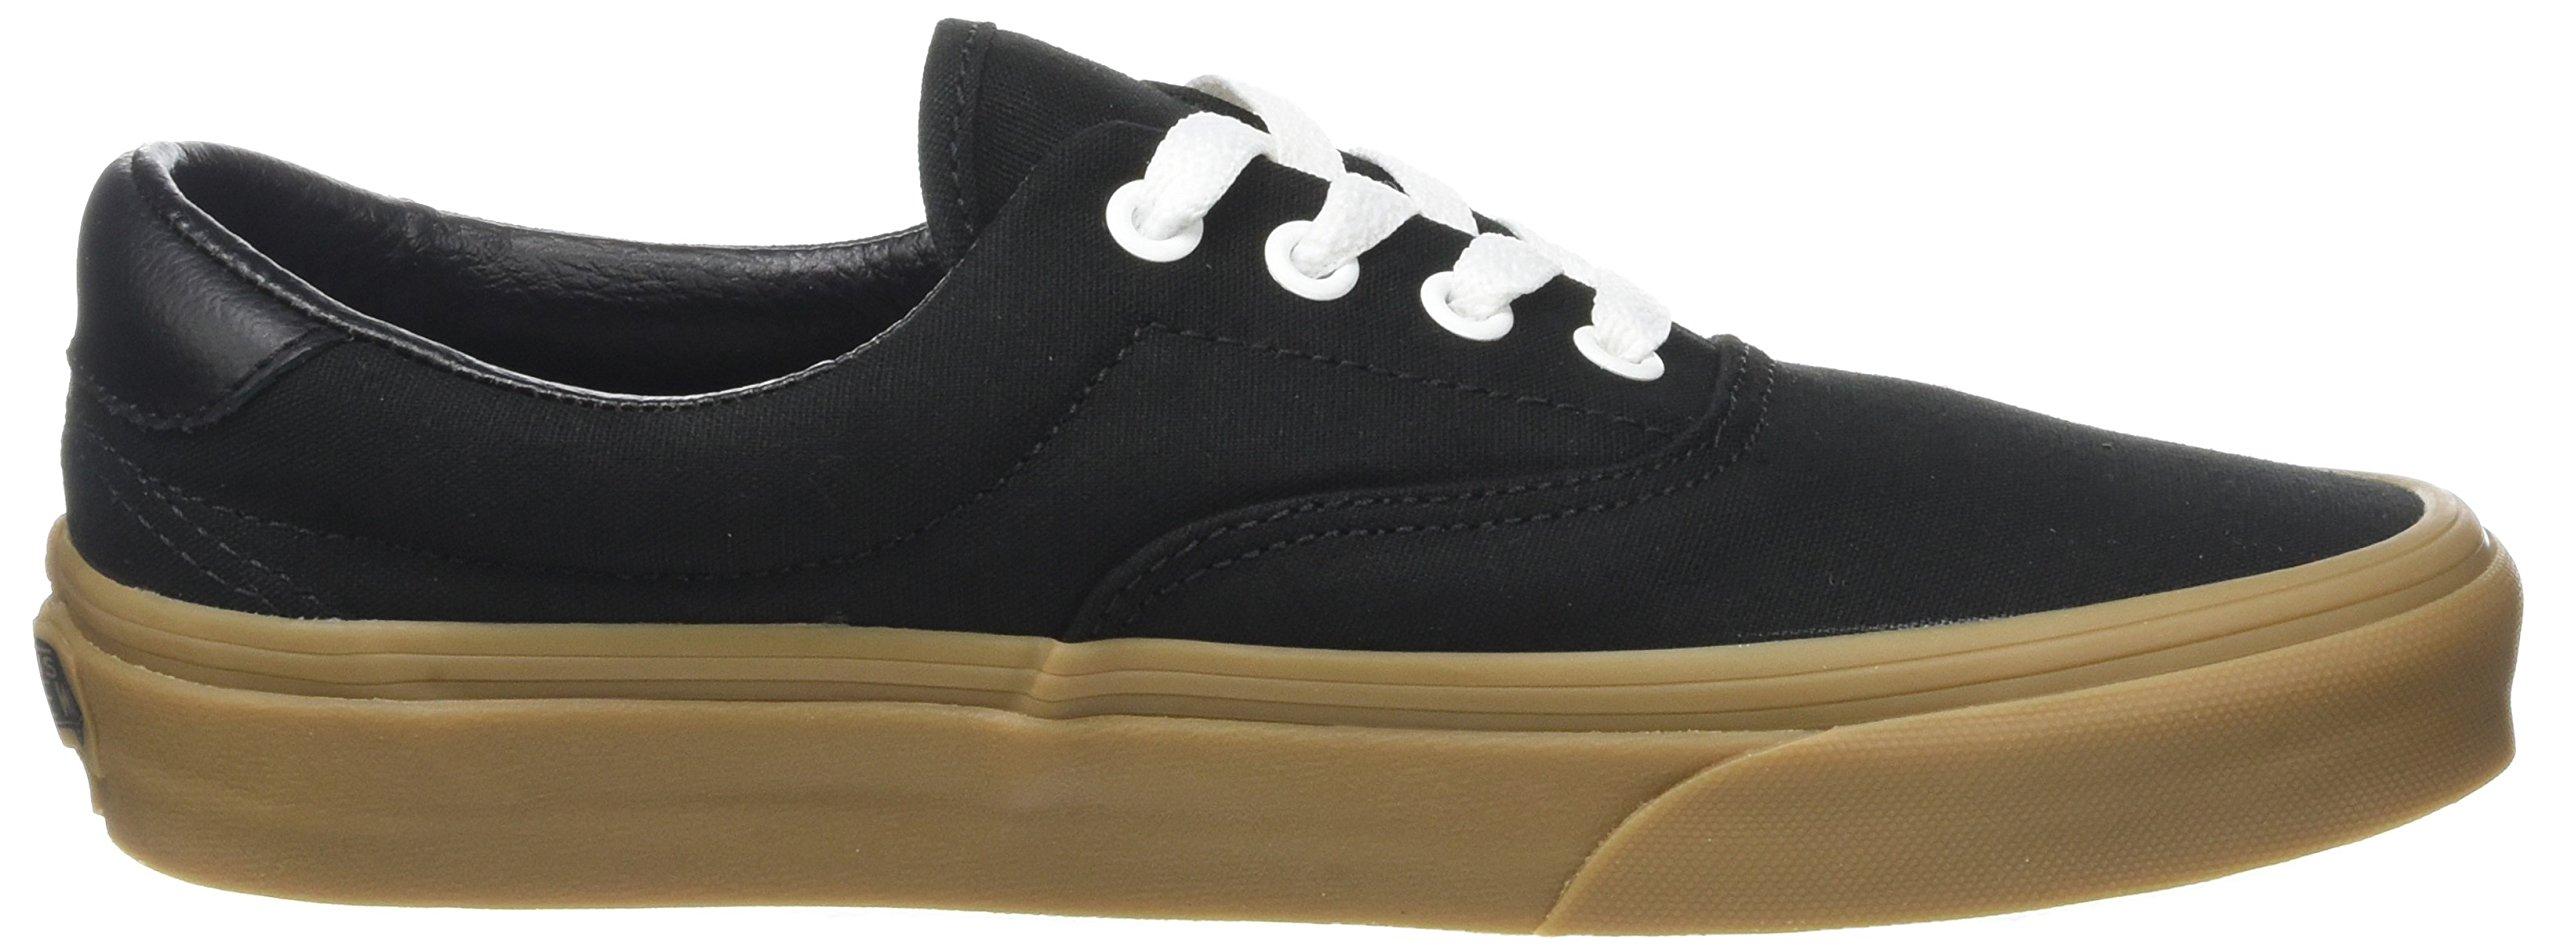 Vans Unisex Adults' Era 59 Canvas Gum Trainers, Black (Canvas Gum/Black/Light Gum), 10.5 UK 45 EU by Vans (Image #6)